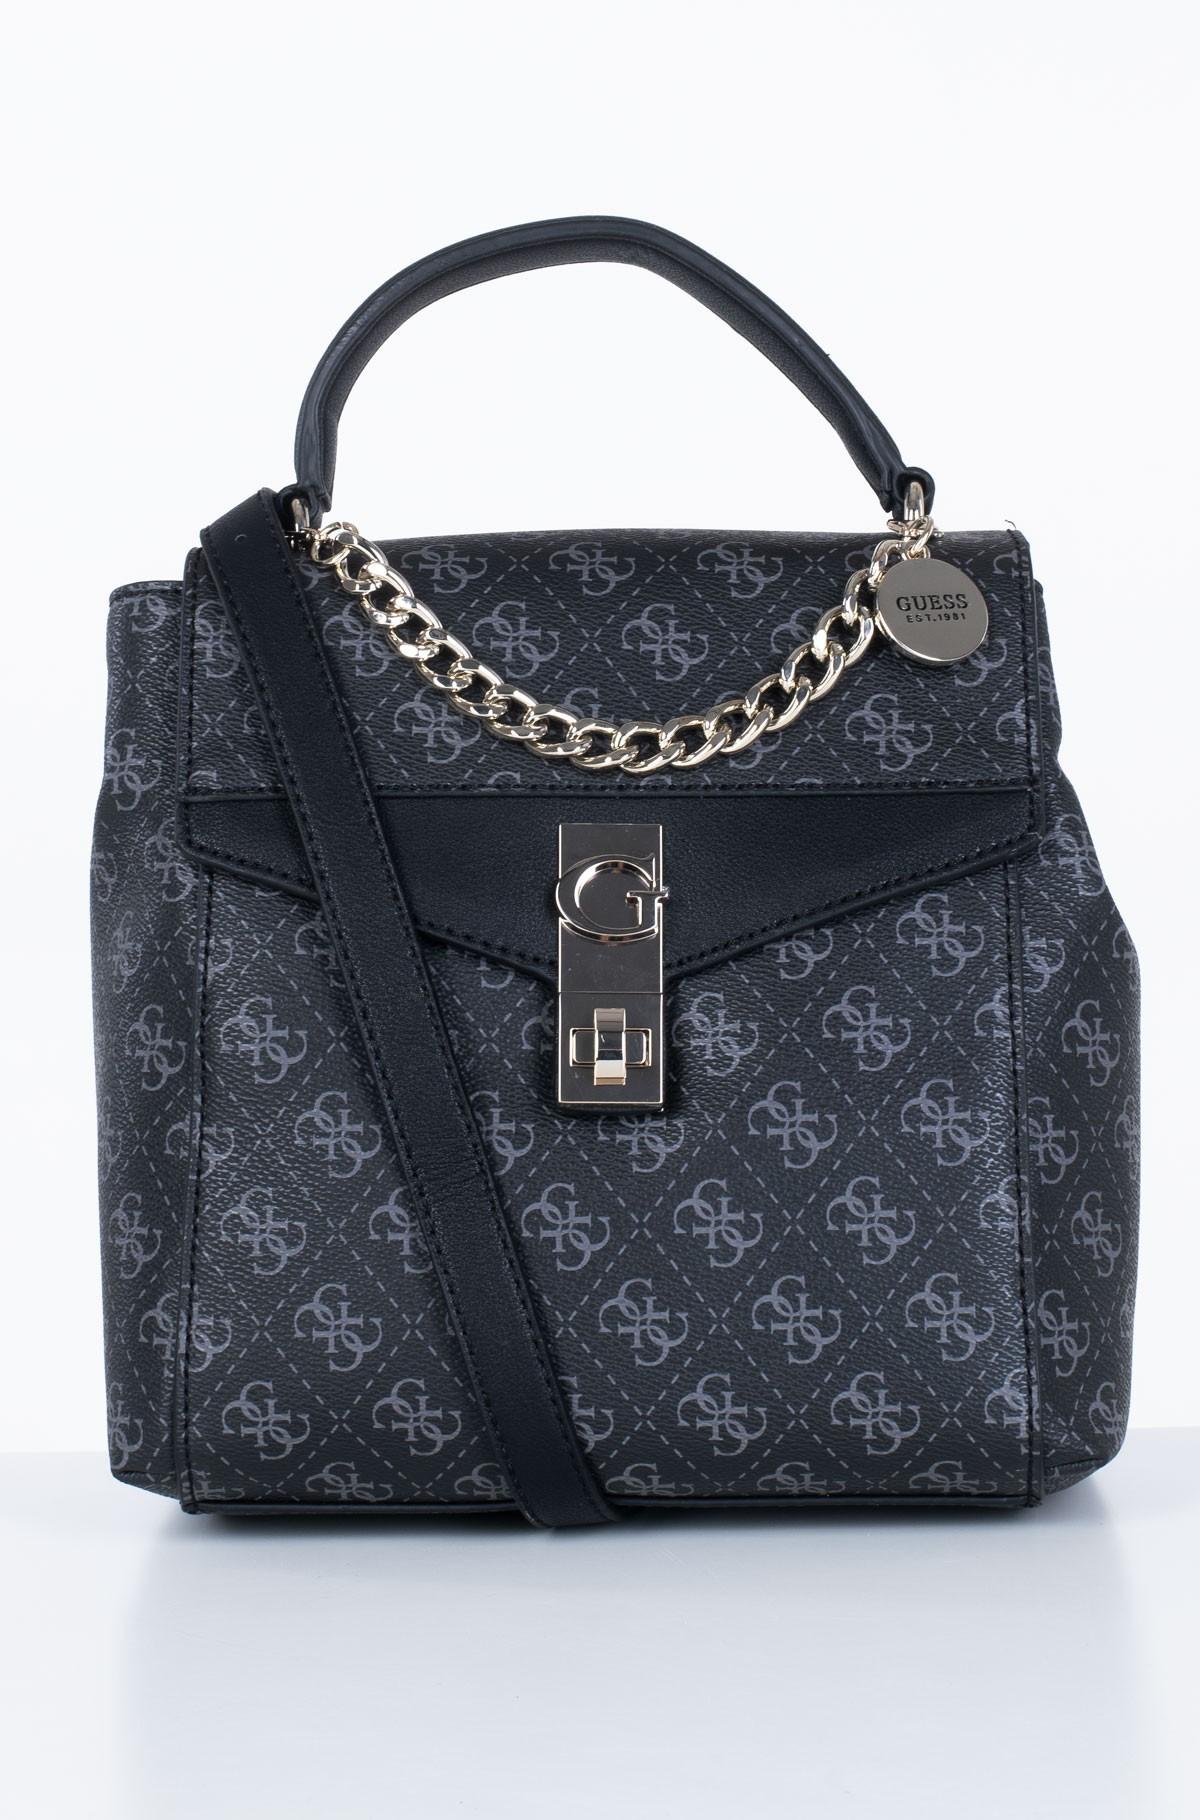 Backbag HWSG76 71320-full-1